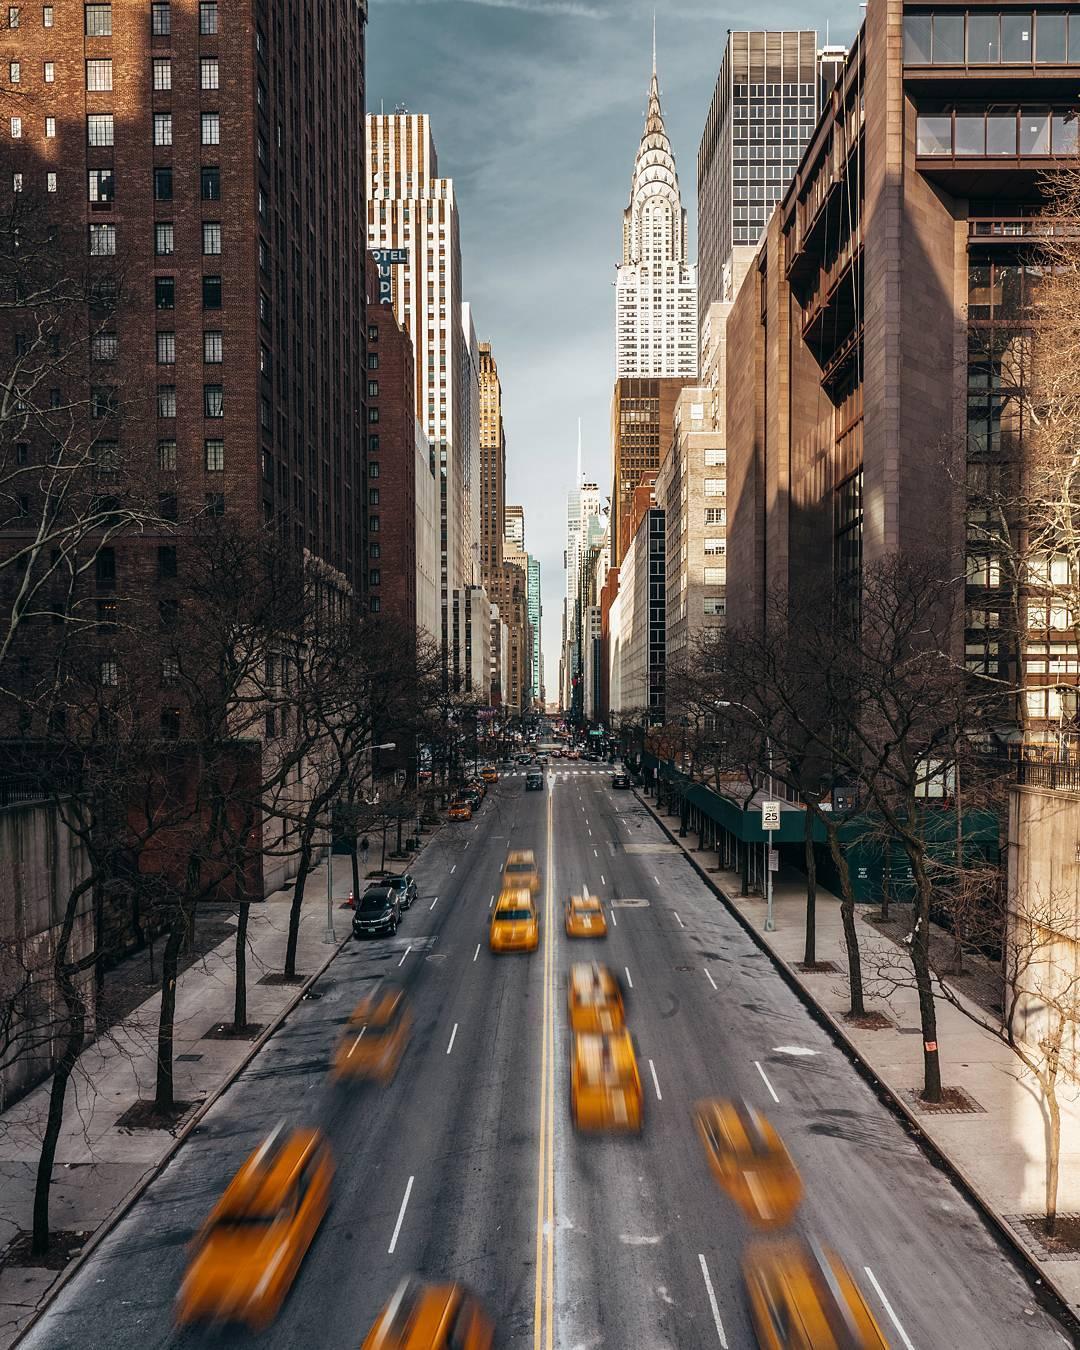 Архитектура и городские пейзажи от Рамона Брито